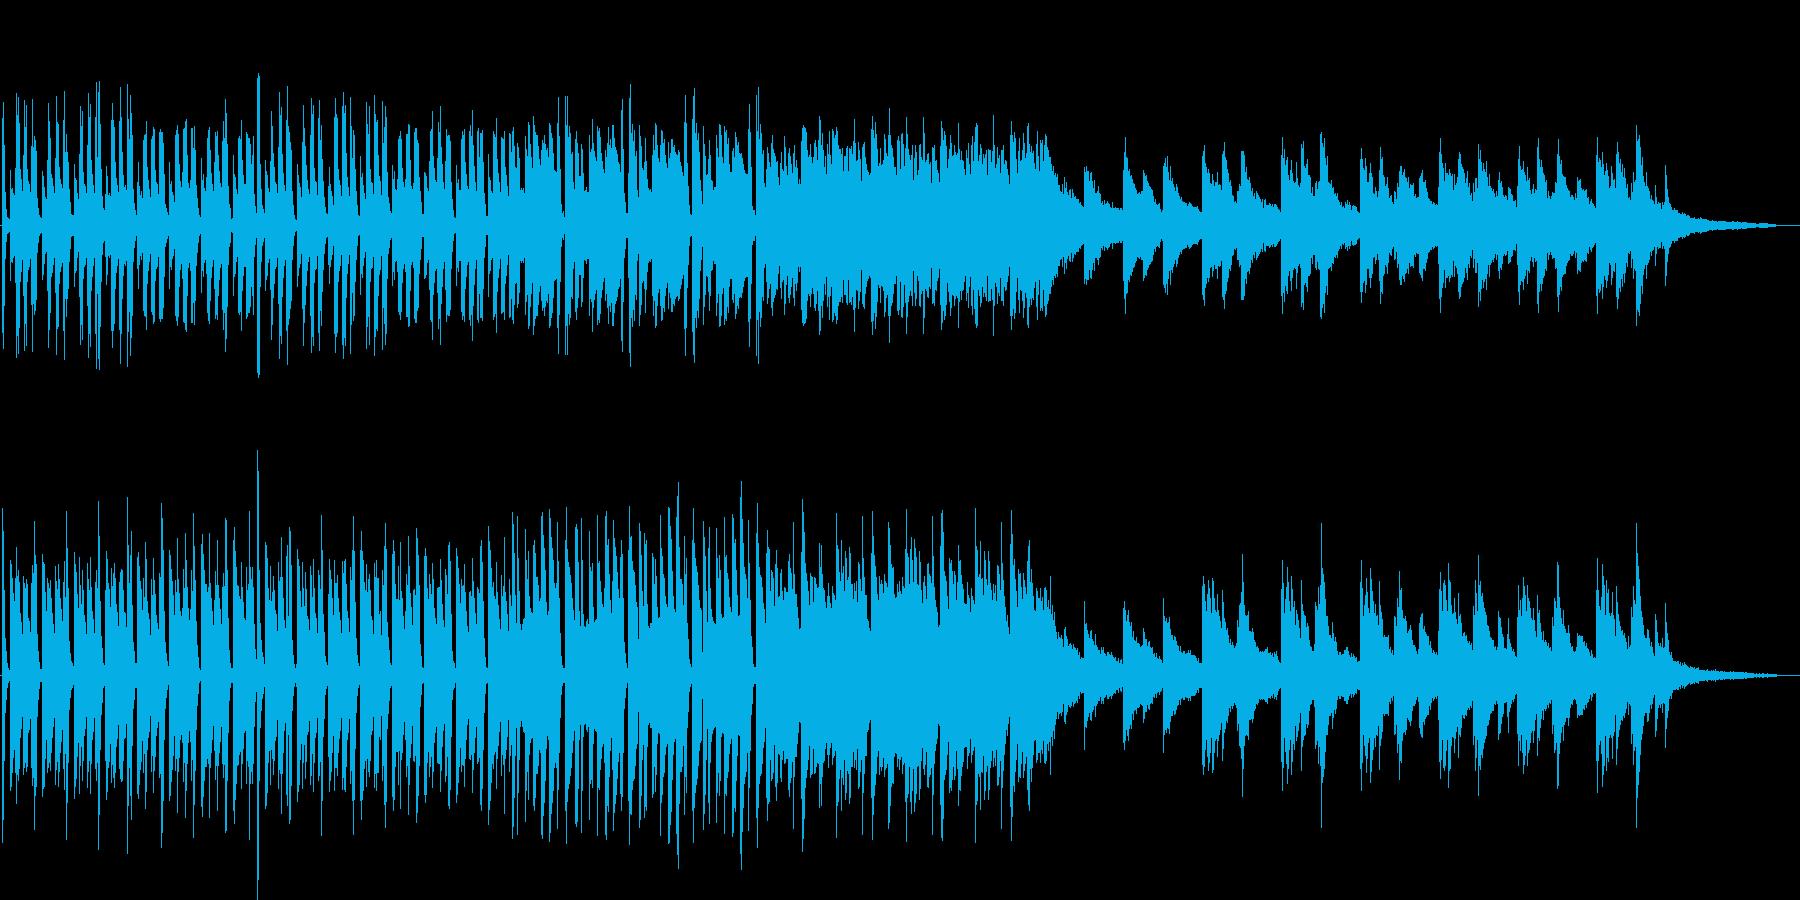 日常系の少しおしゃれで幻想的なピアノ曲の再生済みの波形